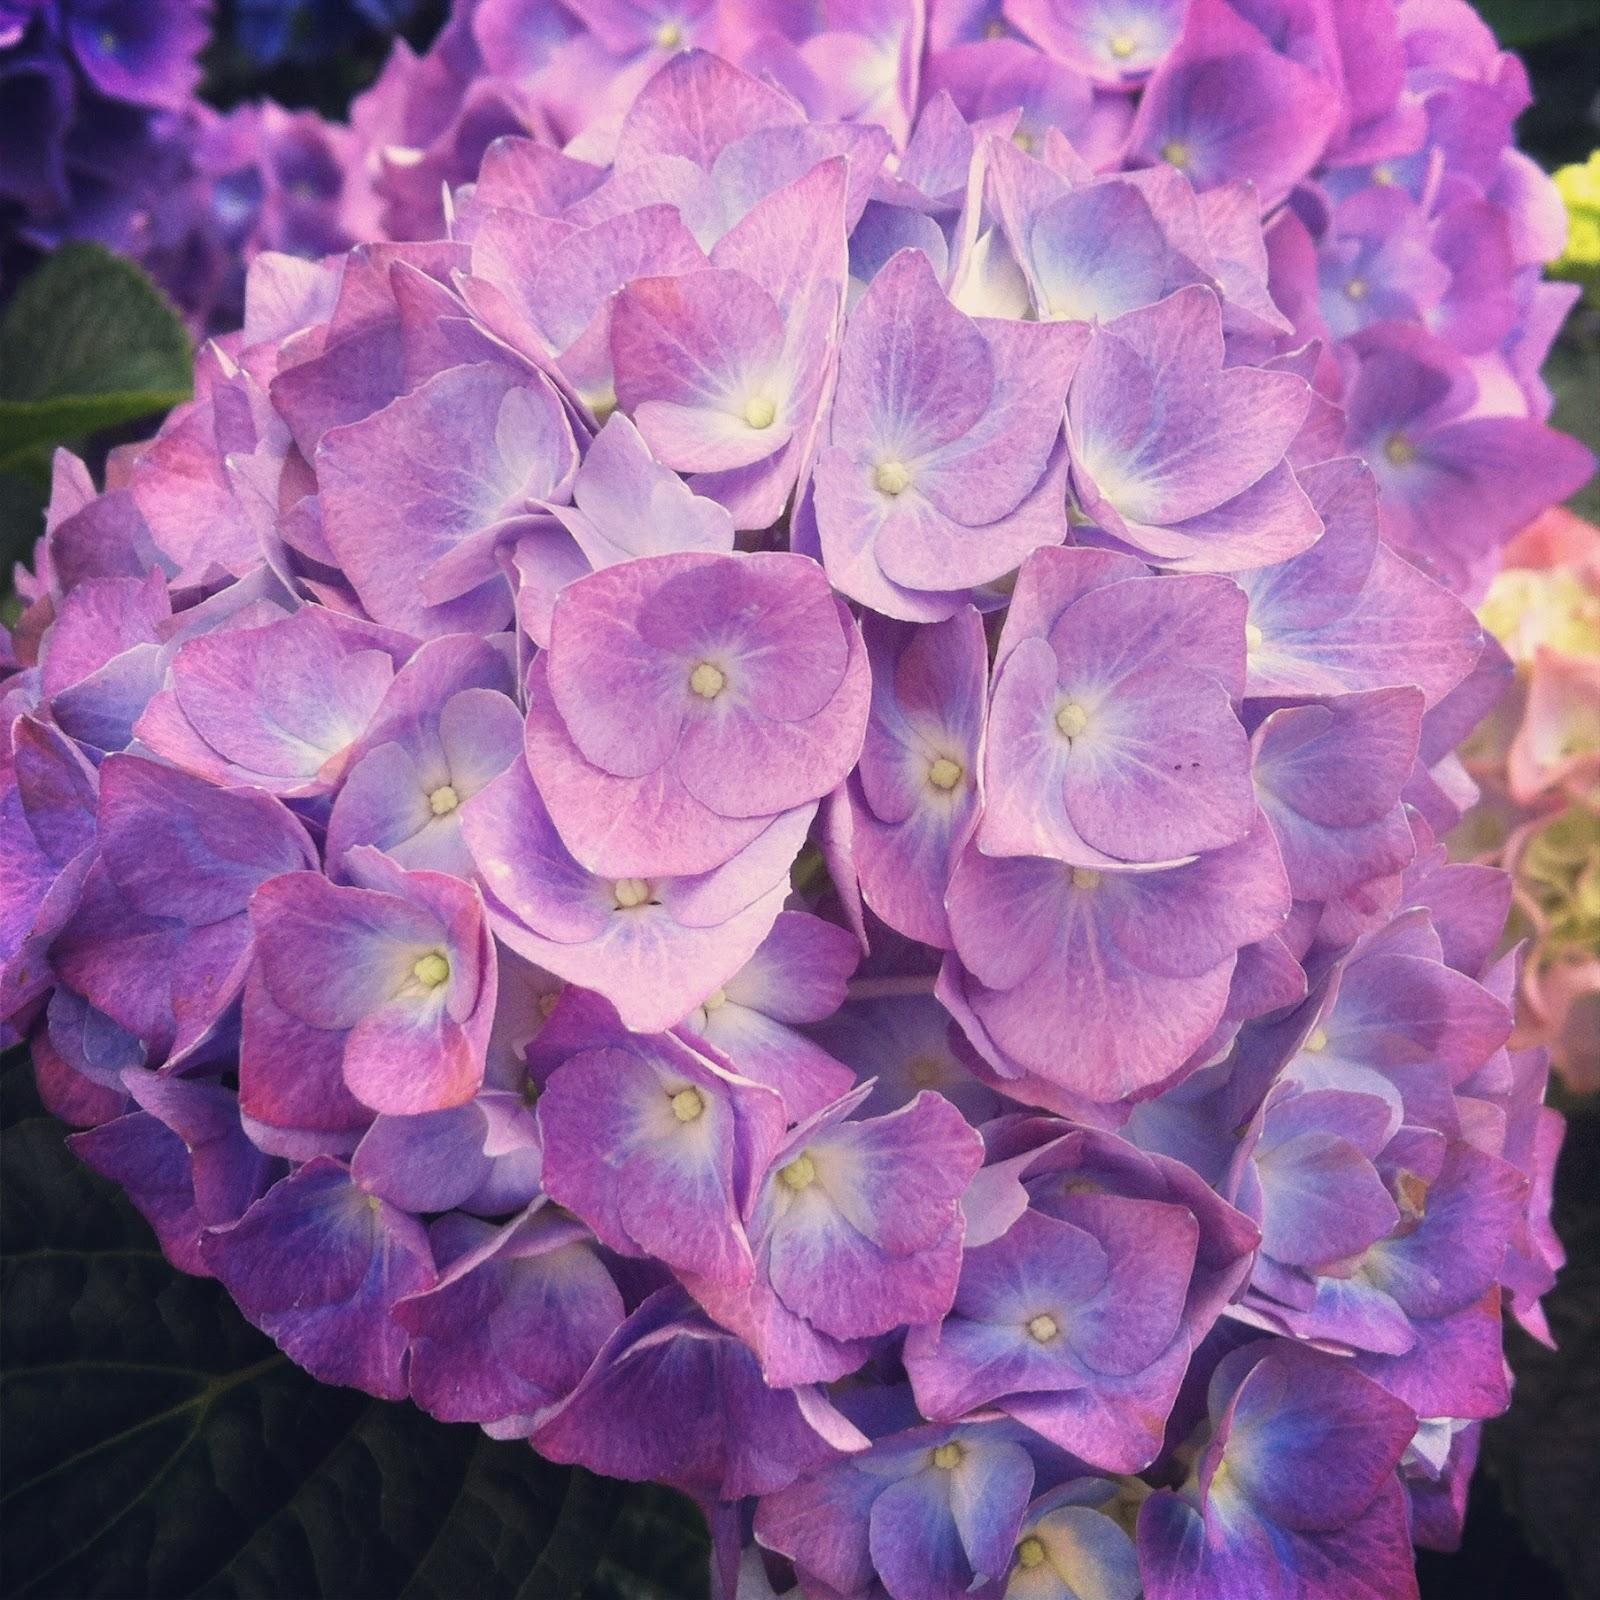 y os traigo para que disfrutis hortensias de mil colores es una flor verdad